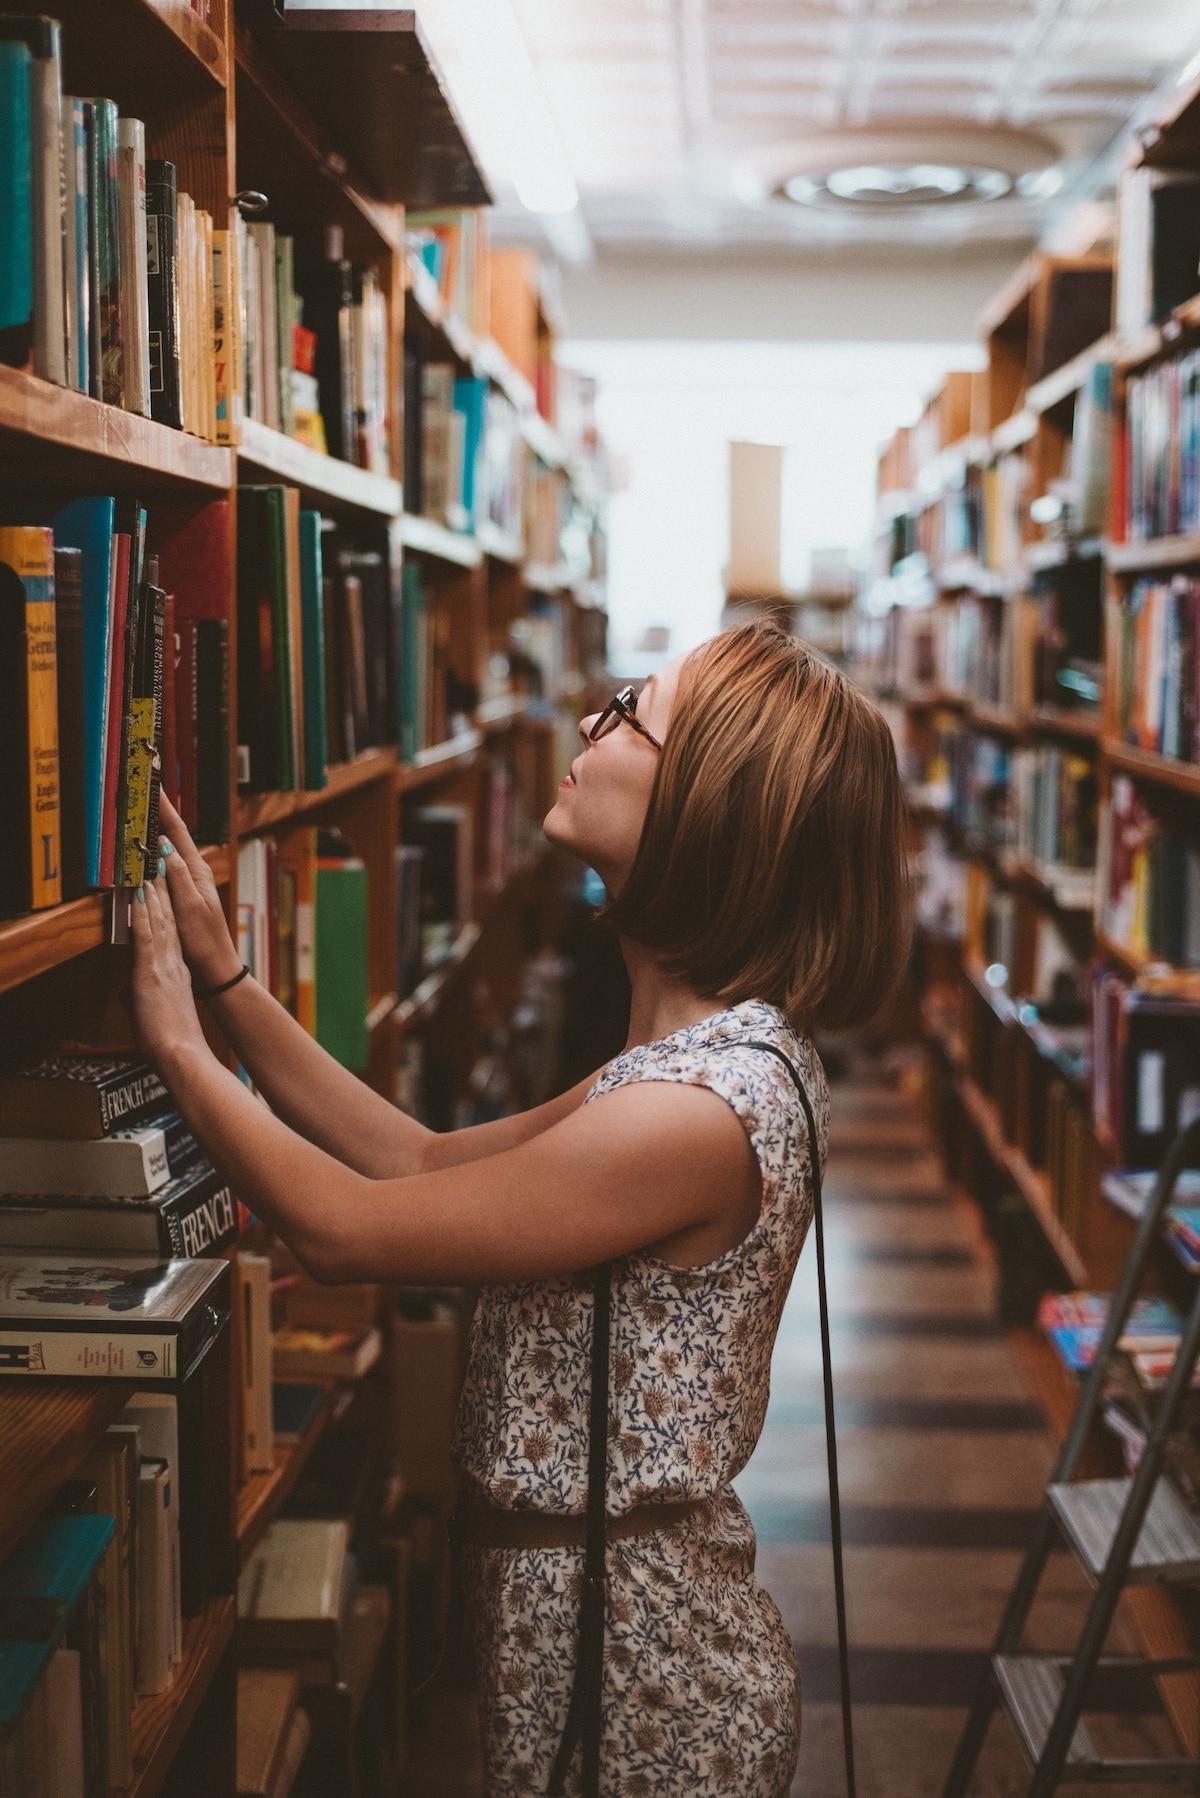 Une femme avec des lunettes parcourt les rayonnages d'une bibliothèque